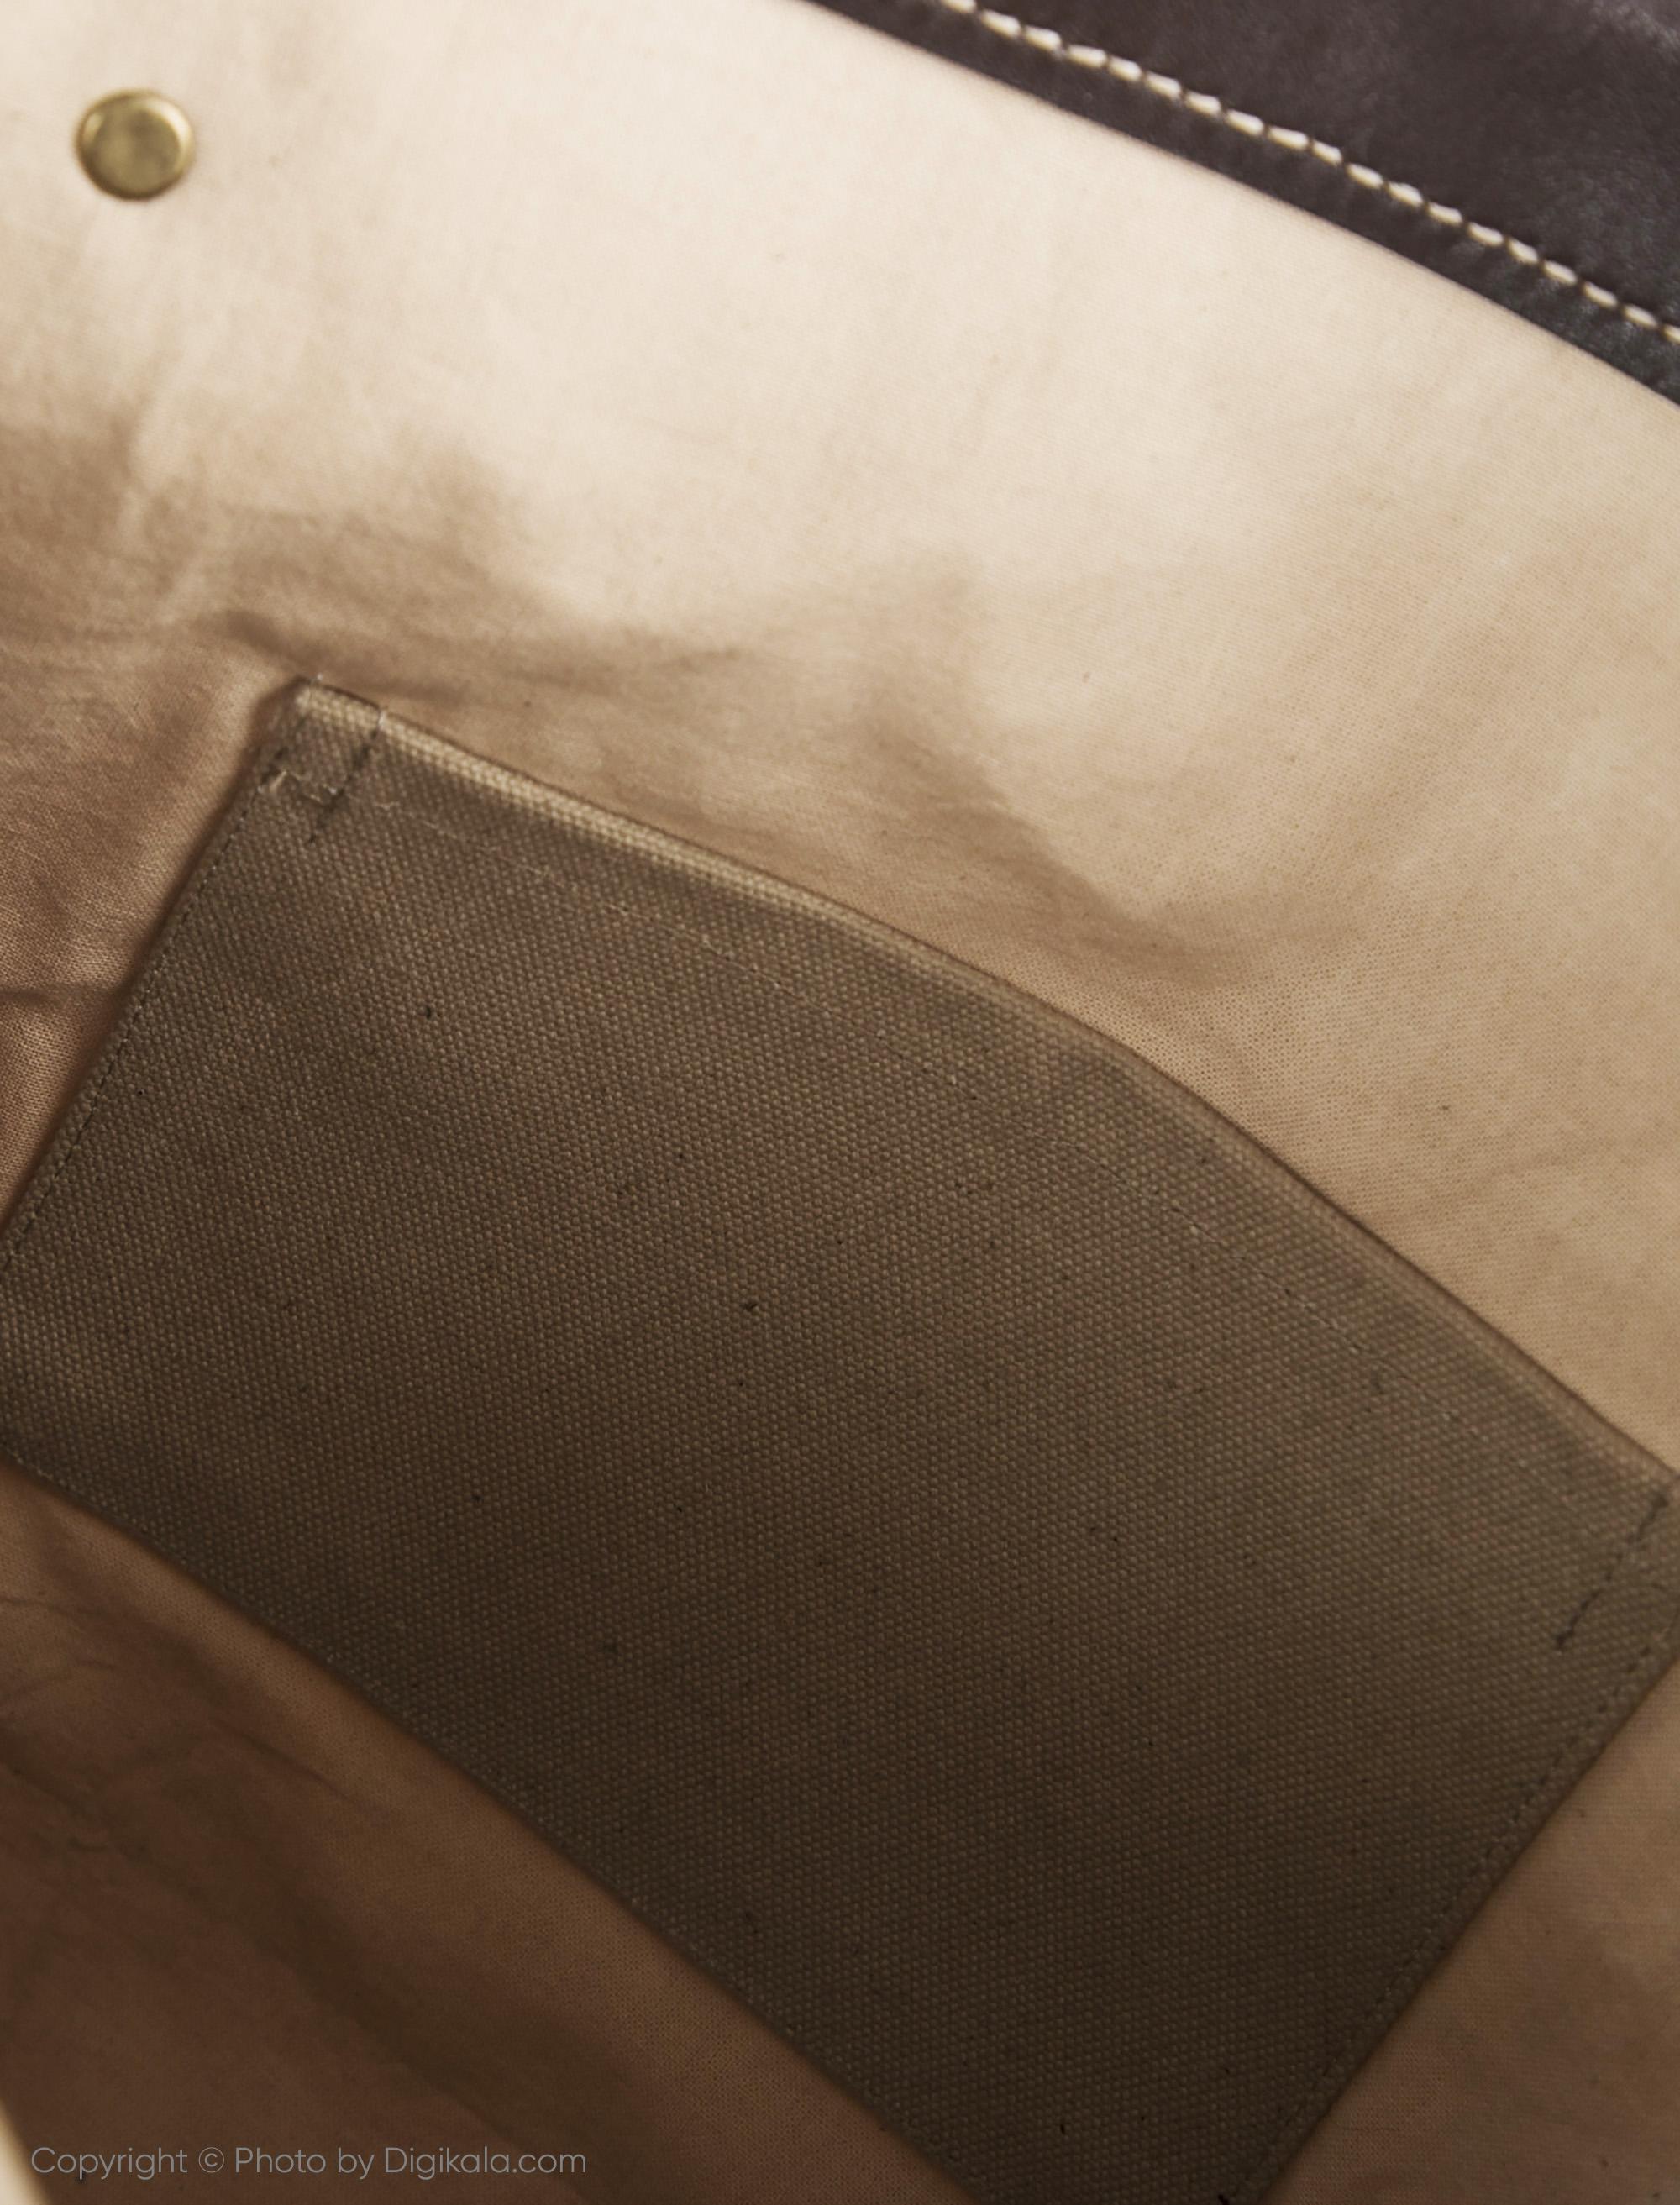 کیف دوشی زنانه دیو مدل 1573118-1436